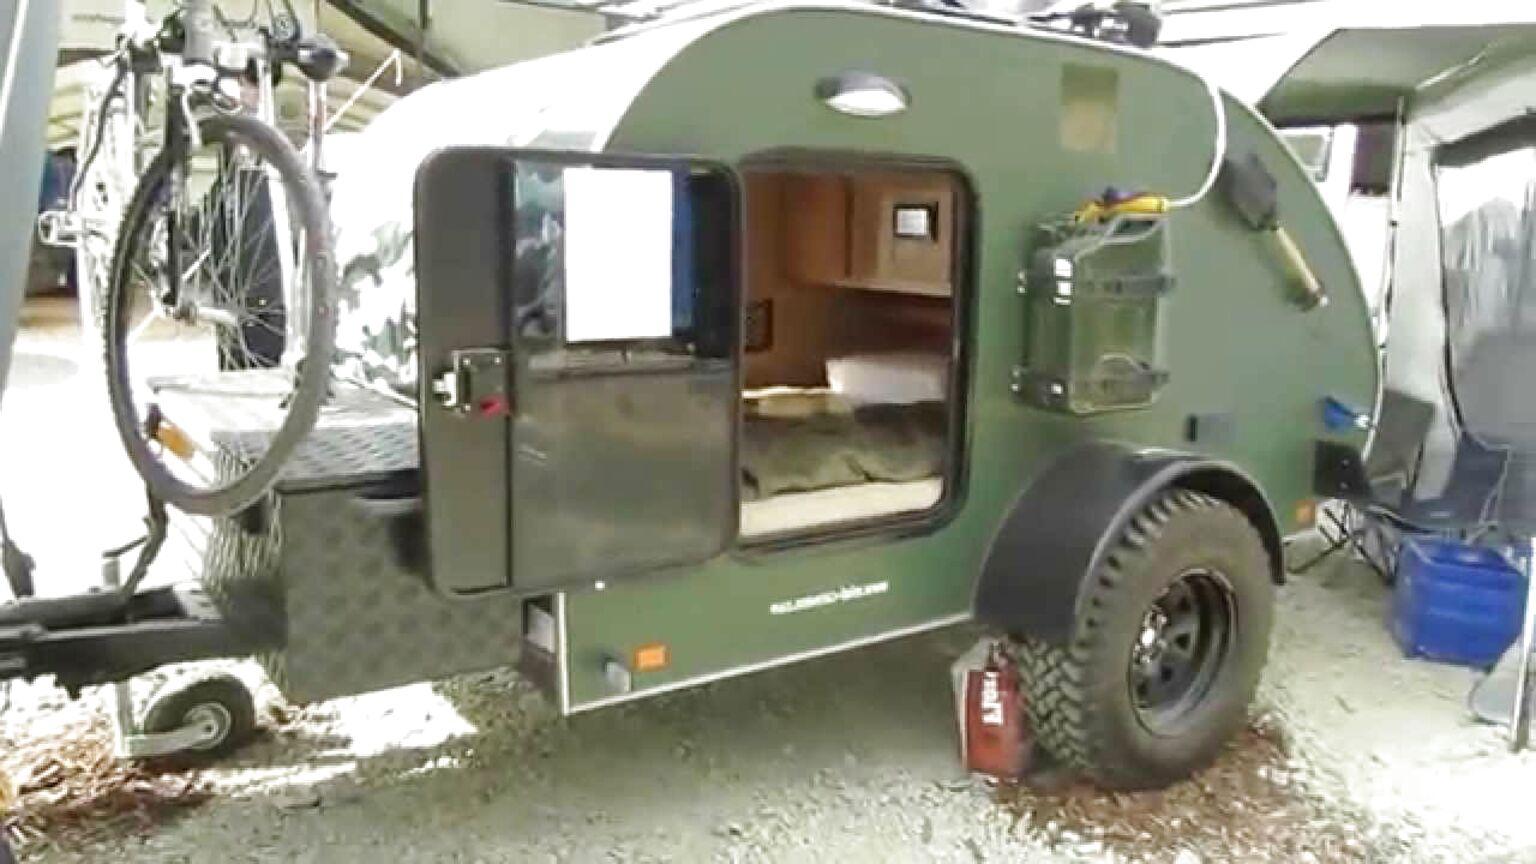 Mini Wohnwagen Gebraucht Kaufen Nur 4 St Bis 60 Gunstiger